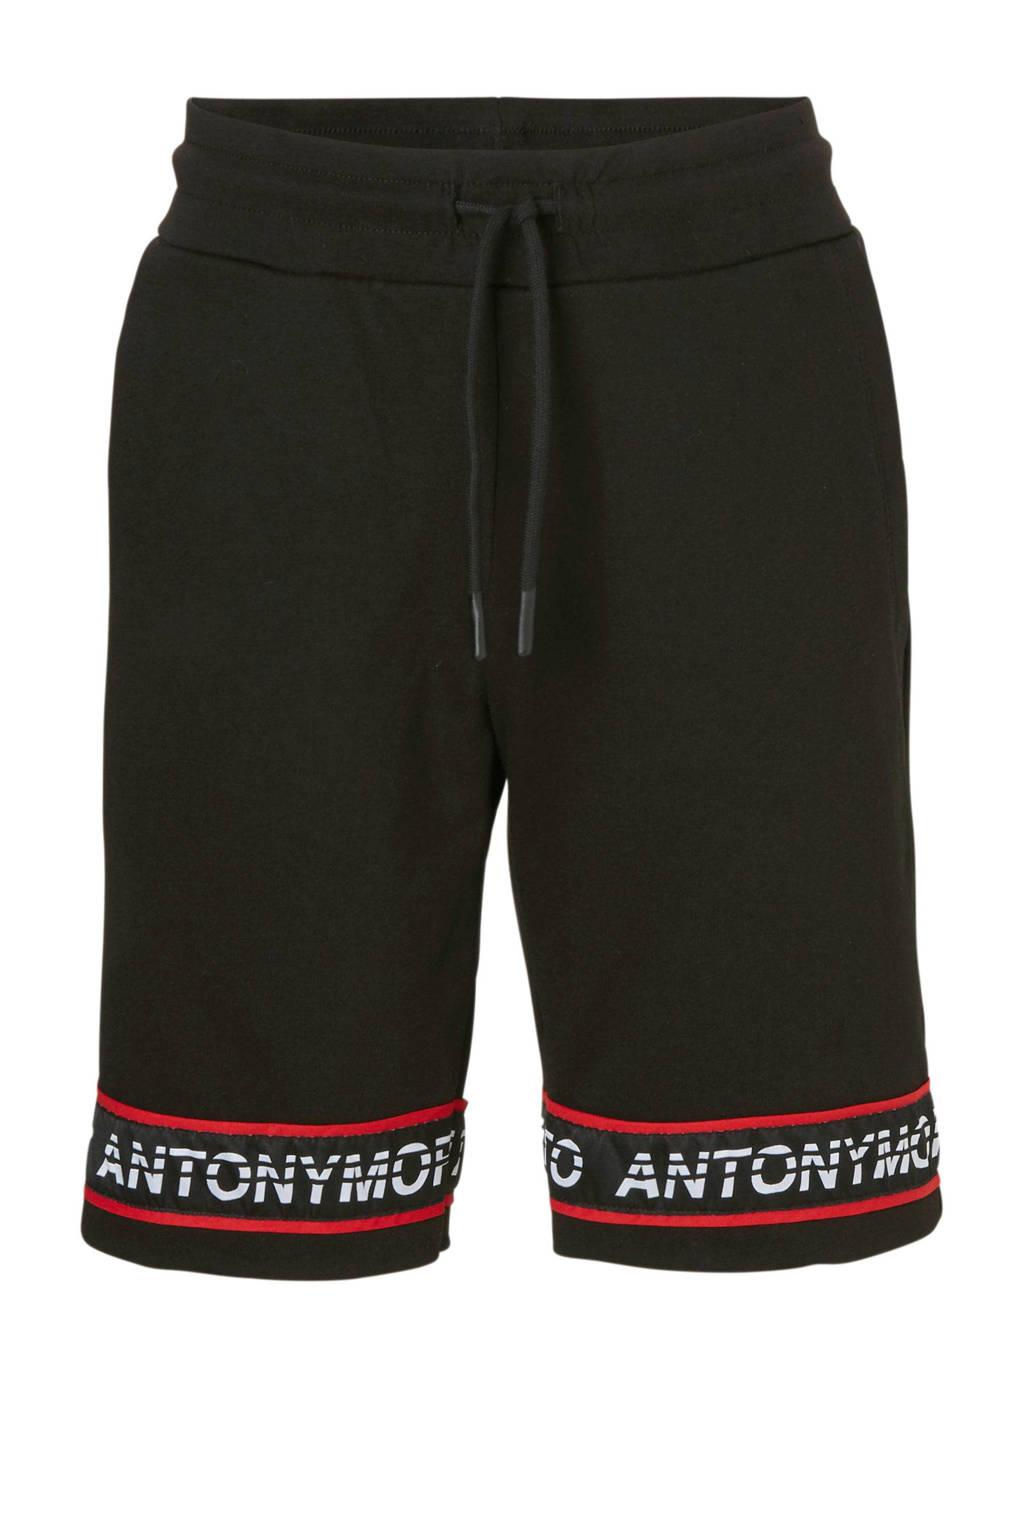 Antony Morato slim fit sweatshort zwart/rood, Zwart/rood